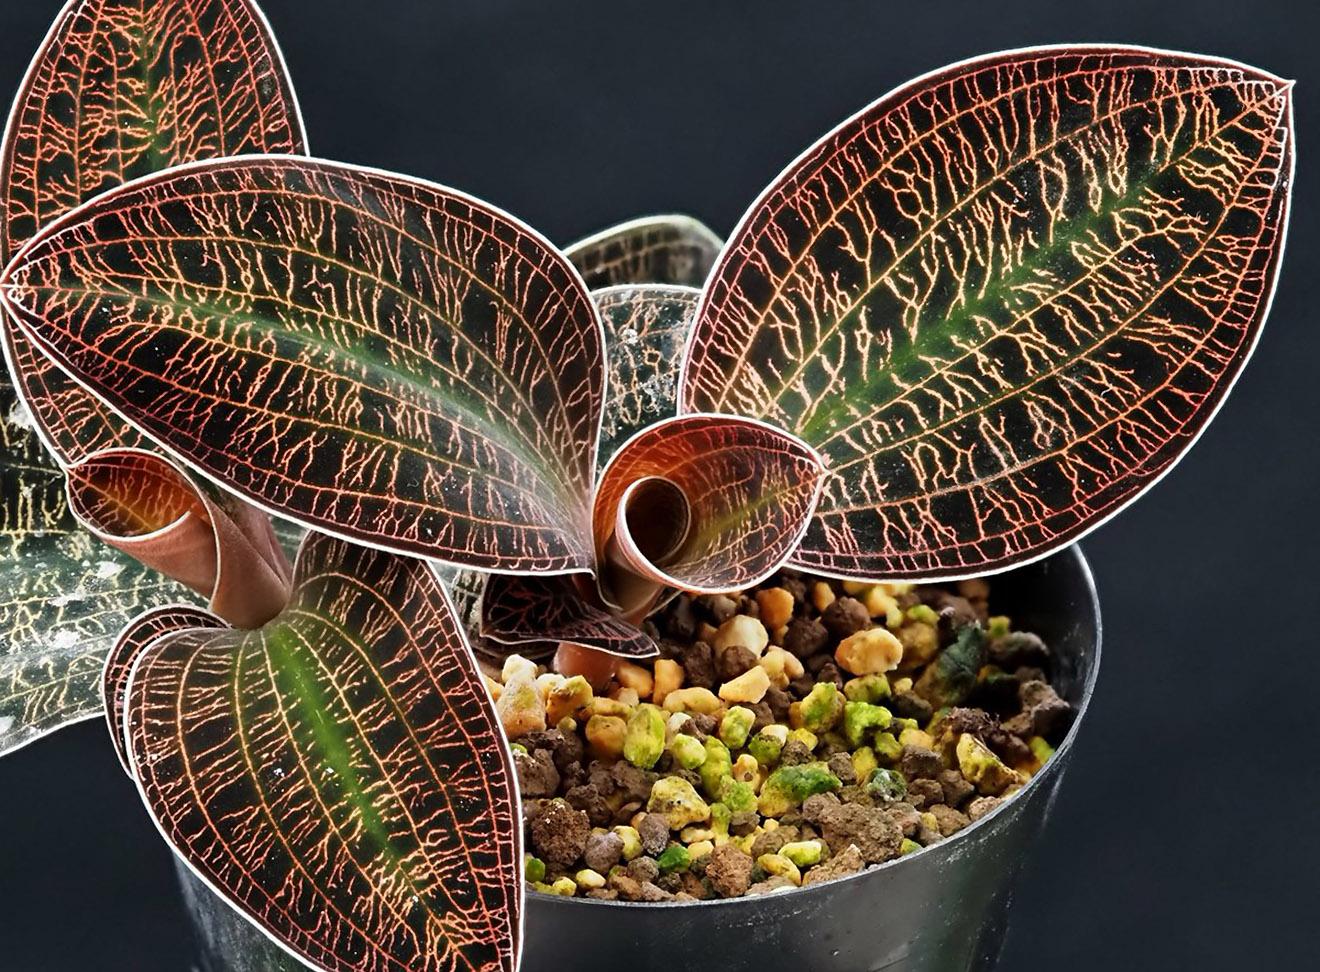 Auksinė orchidėja (margalapė)